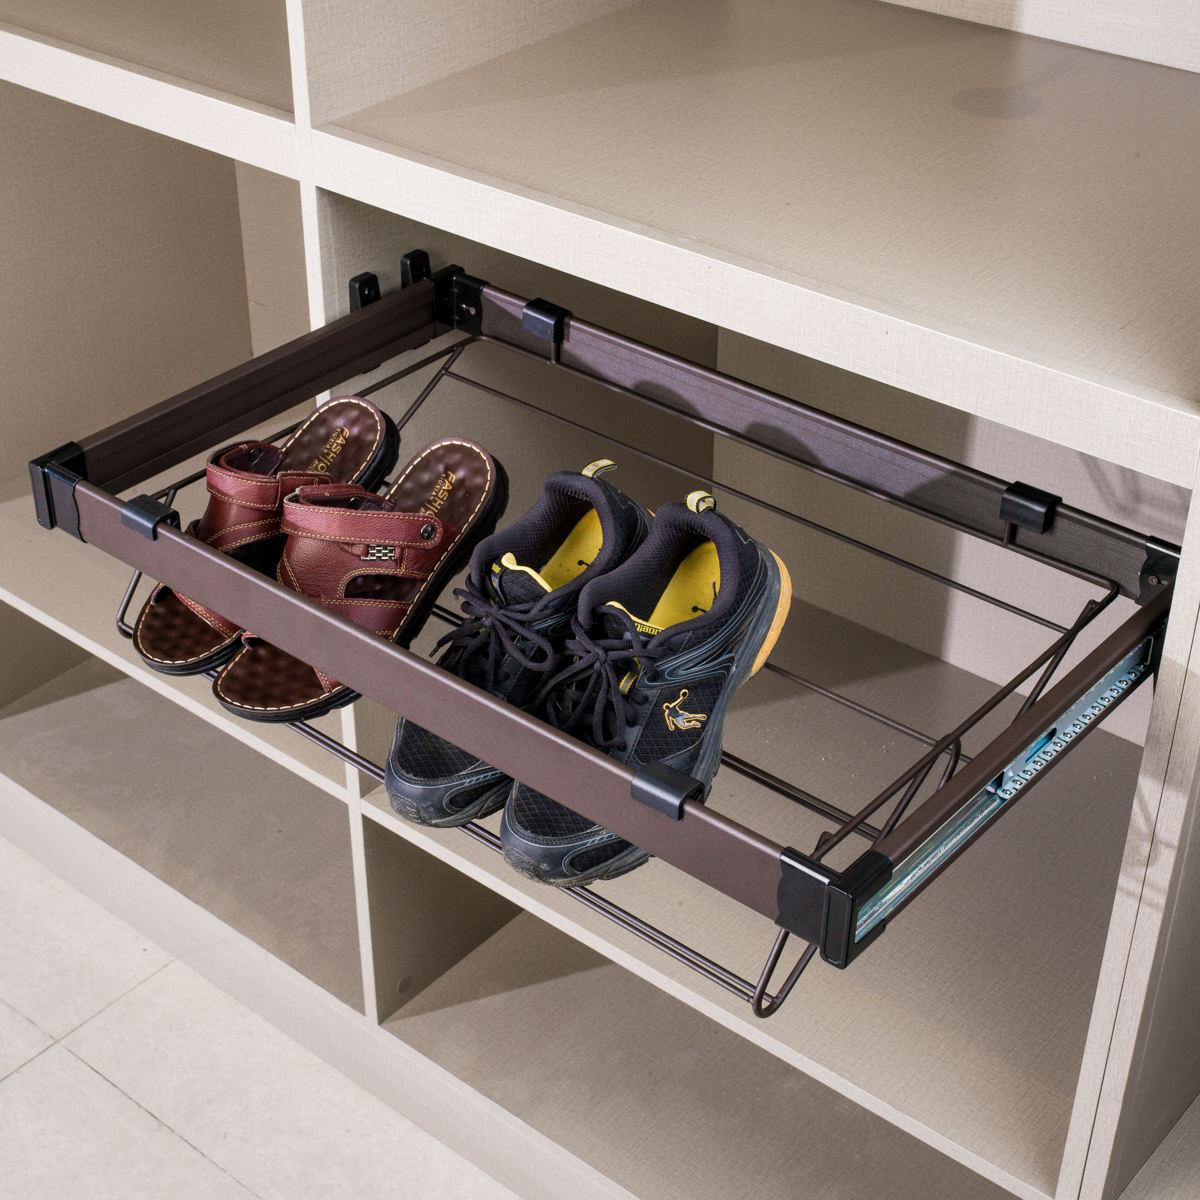 Rechercher Les Fabricants Des Etagere A Chaussures Ikea Produits De Qualite Superieure Etagere A Chaussures Ikea Sur Alibaba Com